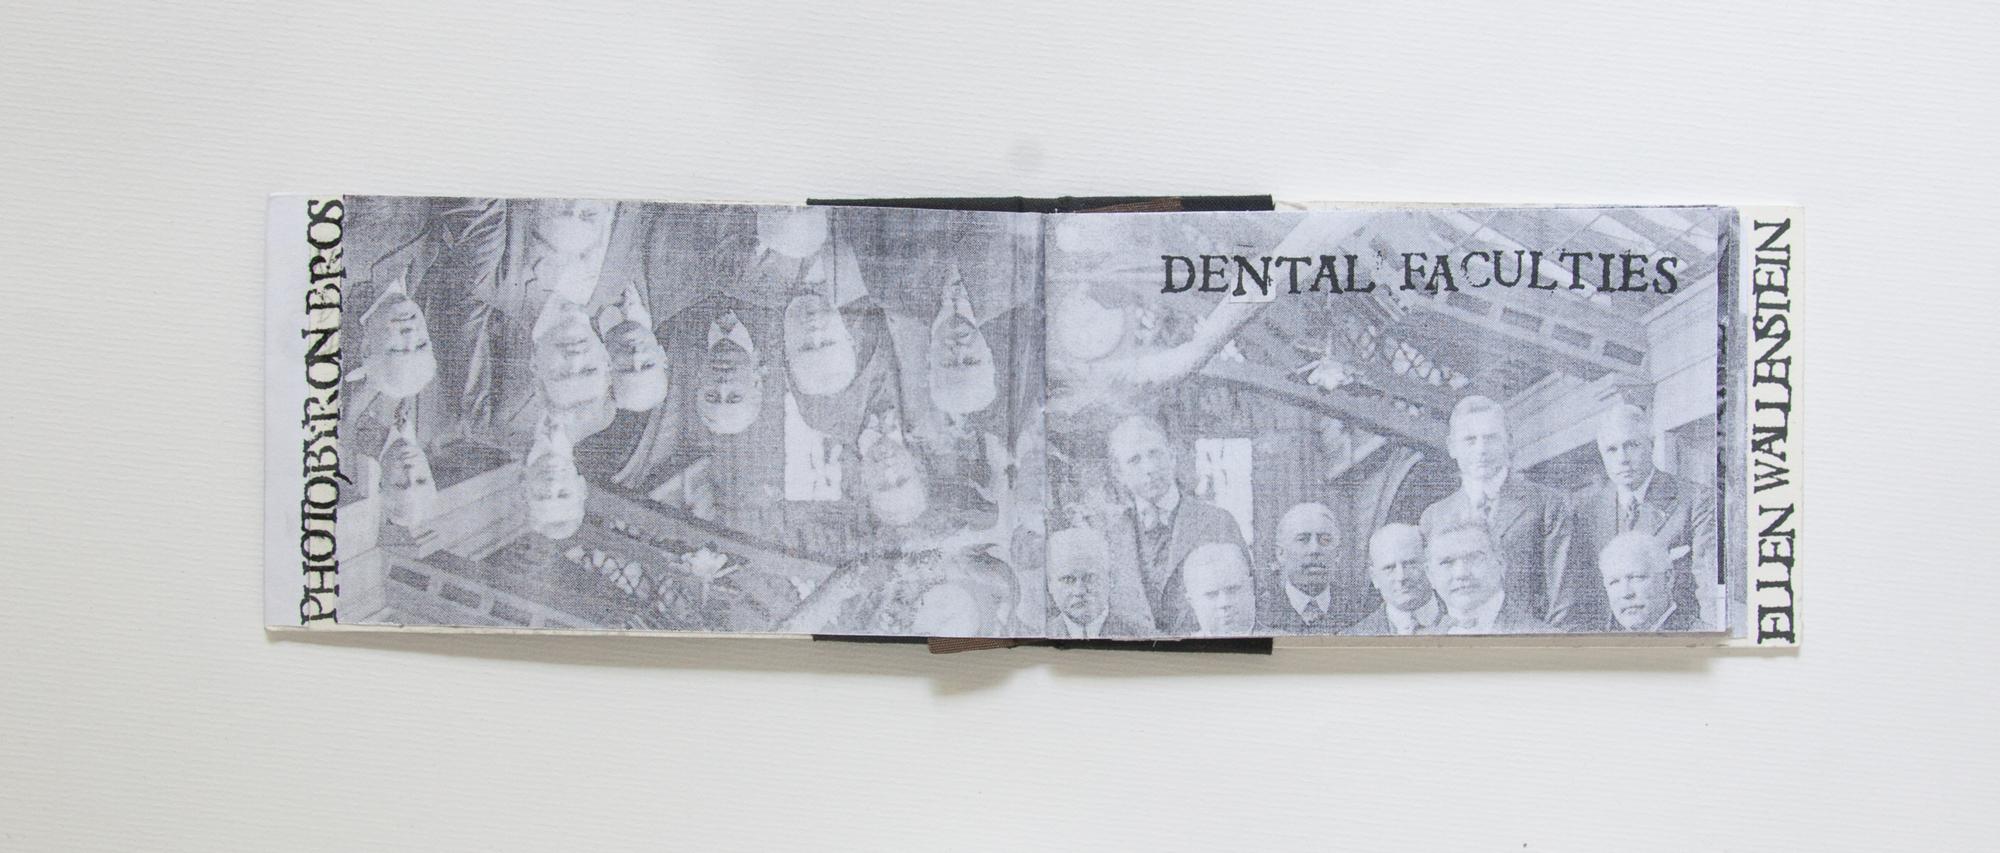 152_Dental Faculties (2008)_.jpg